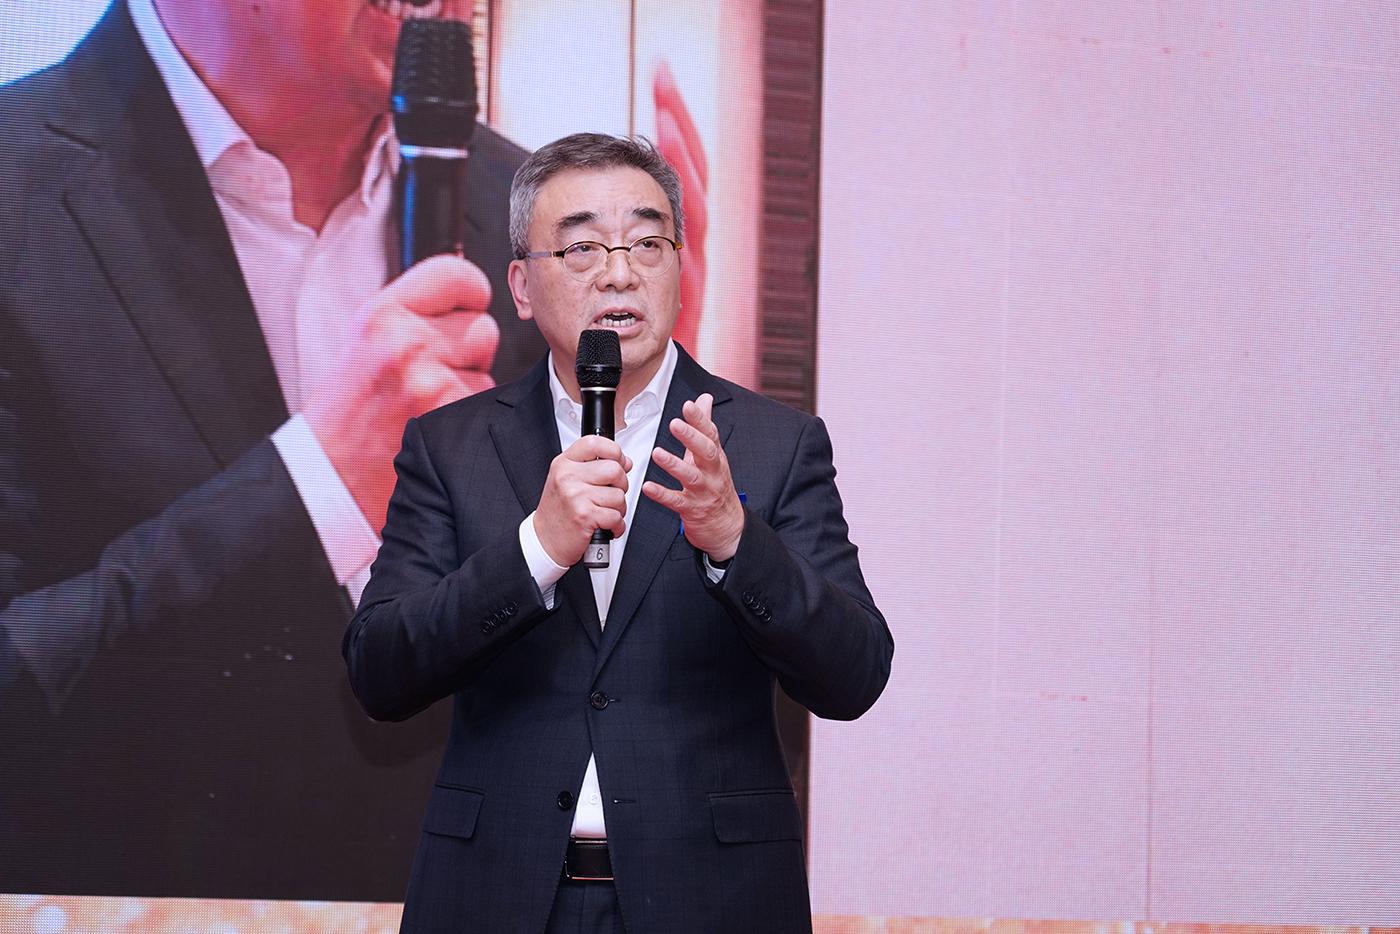 海派油画艺术家兼金臣·亦飞鸣美术馆执行馆长陈逸鸣在开幕式上致辞。